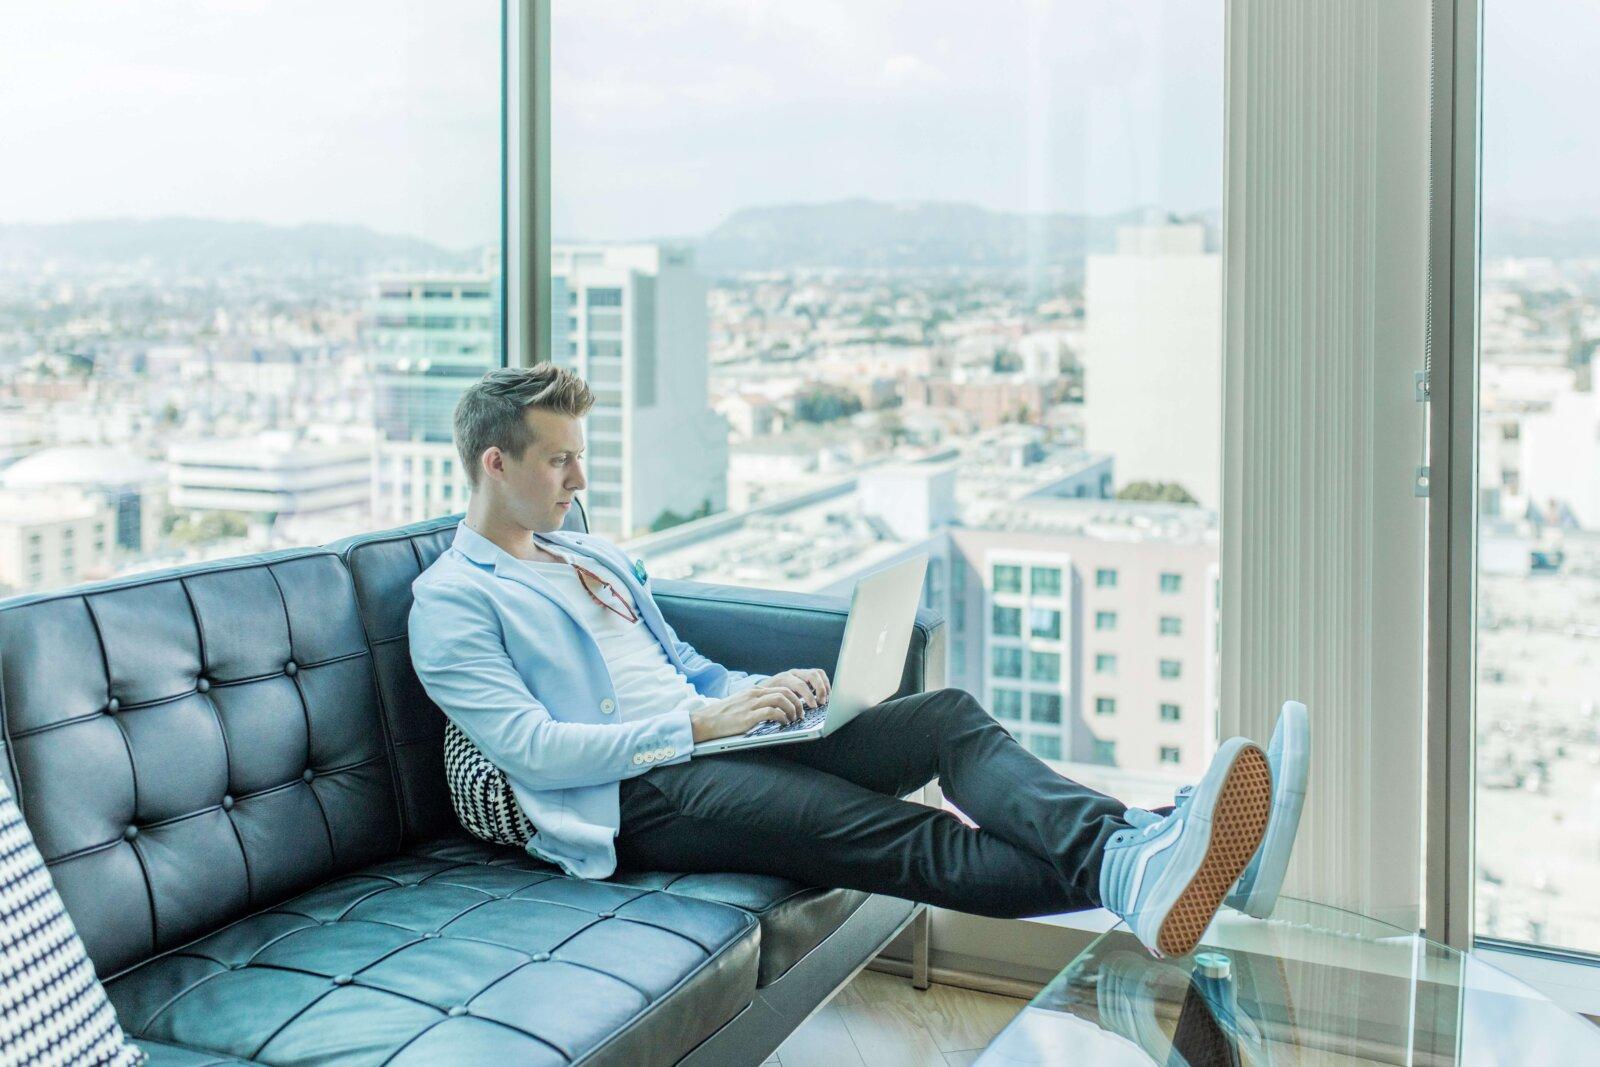 Как найти удаленную работу: способы + советы